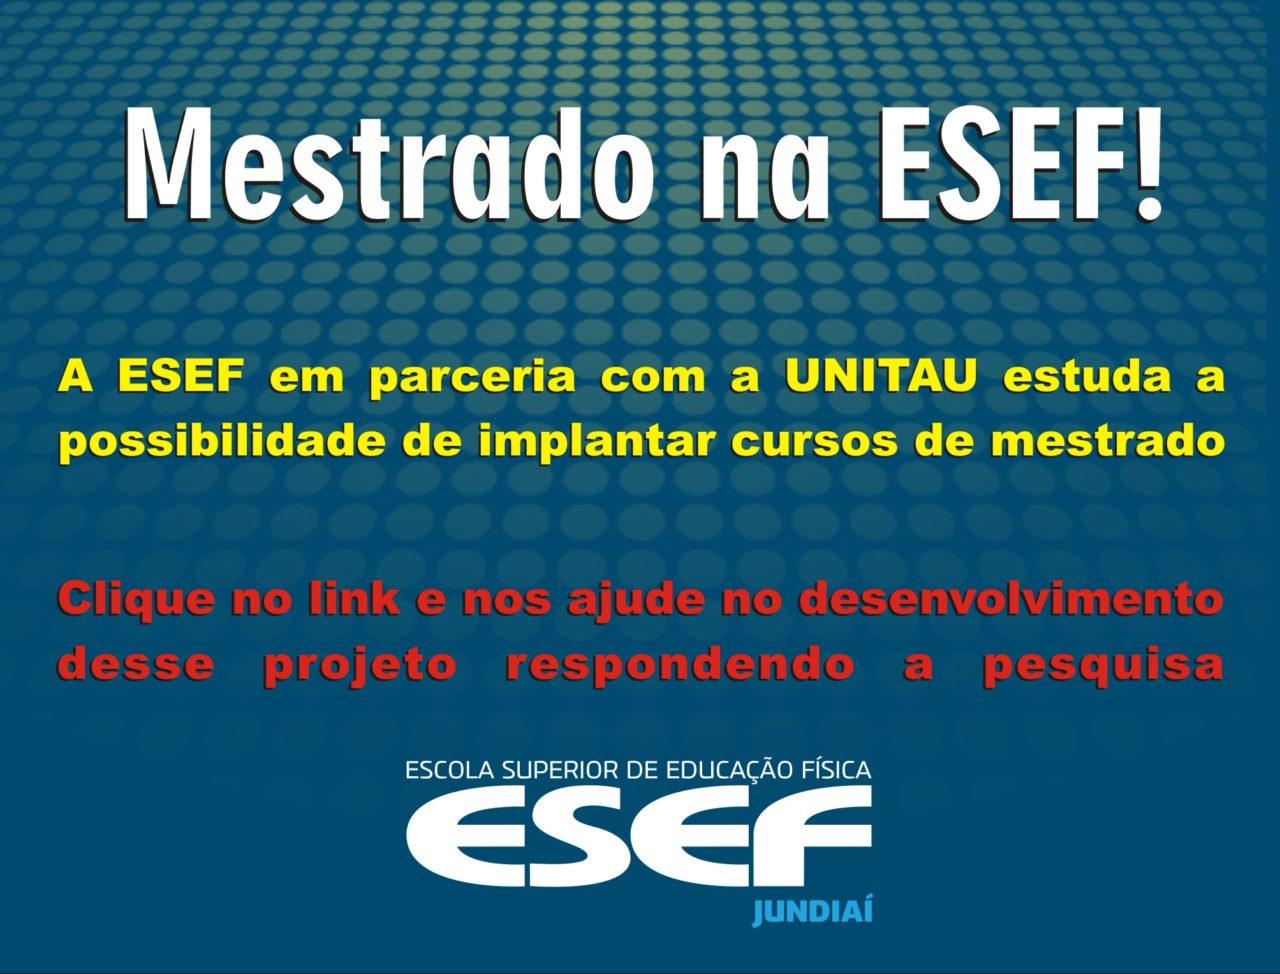 Mestrado na ESEF!